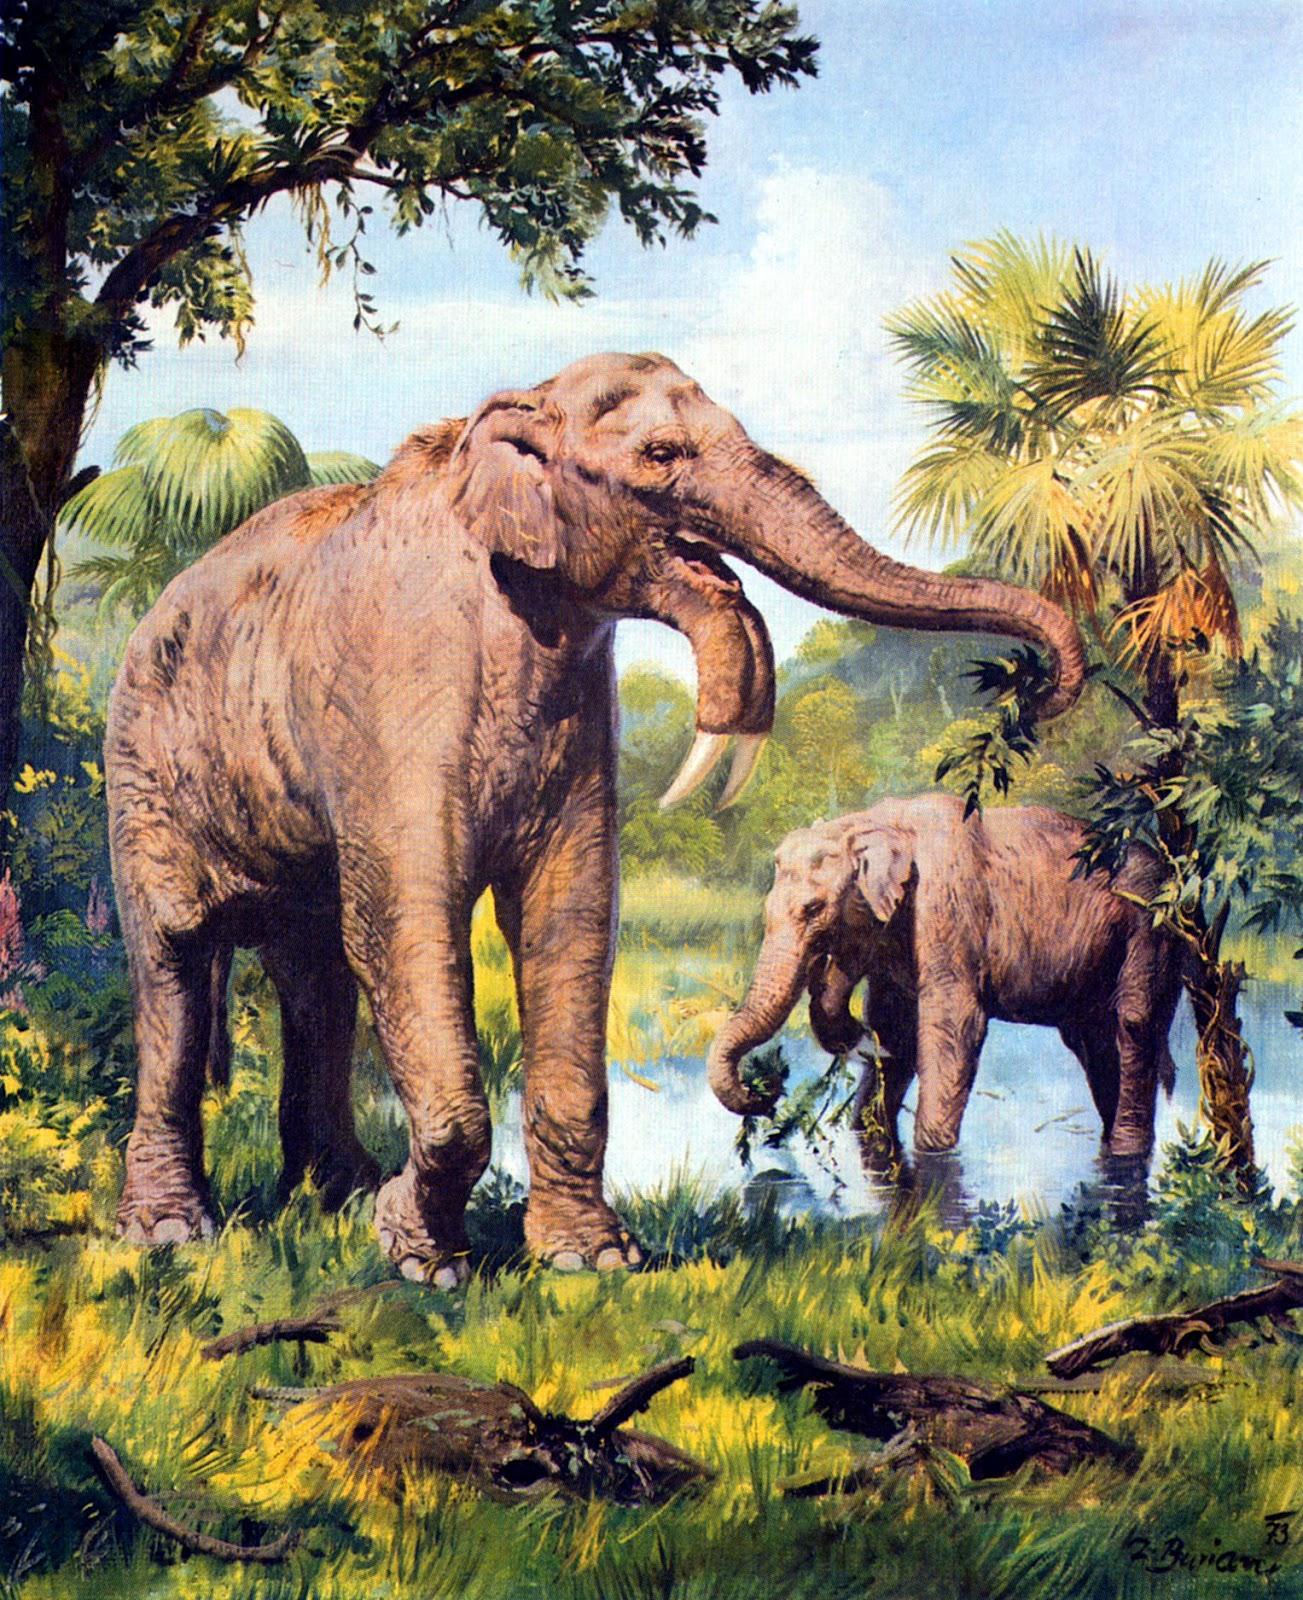 An Early Species Of Elephant By Burian 1973 Zdenek